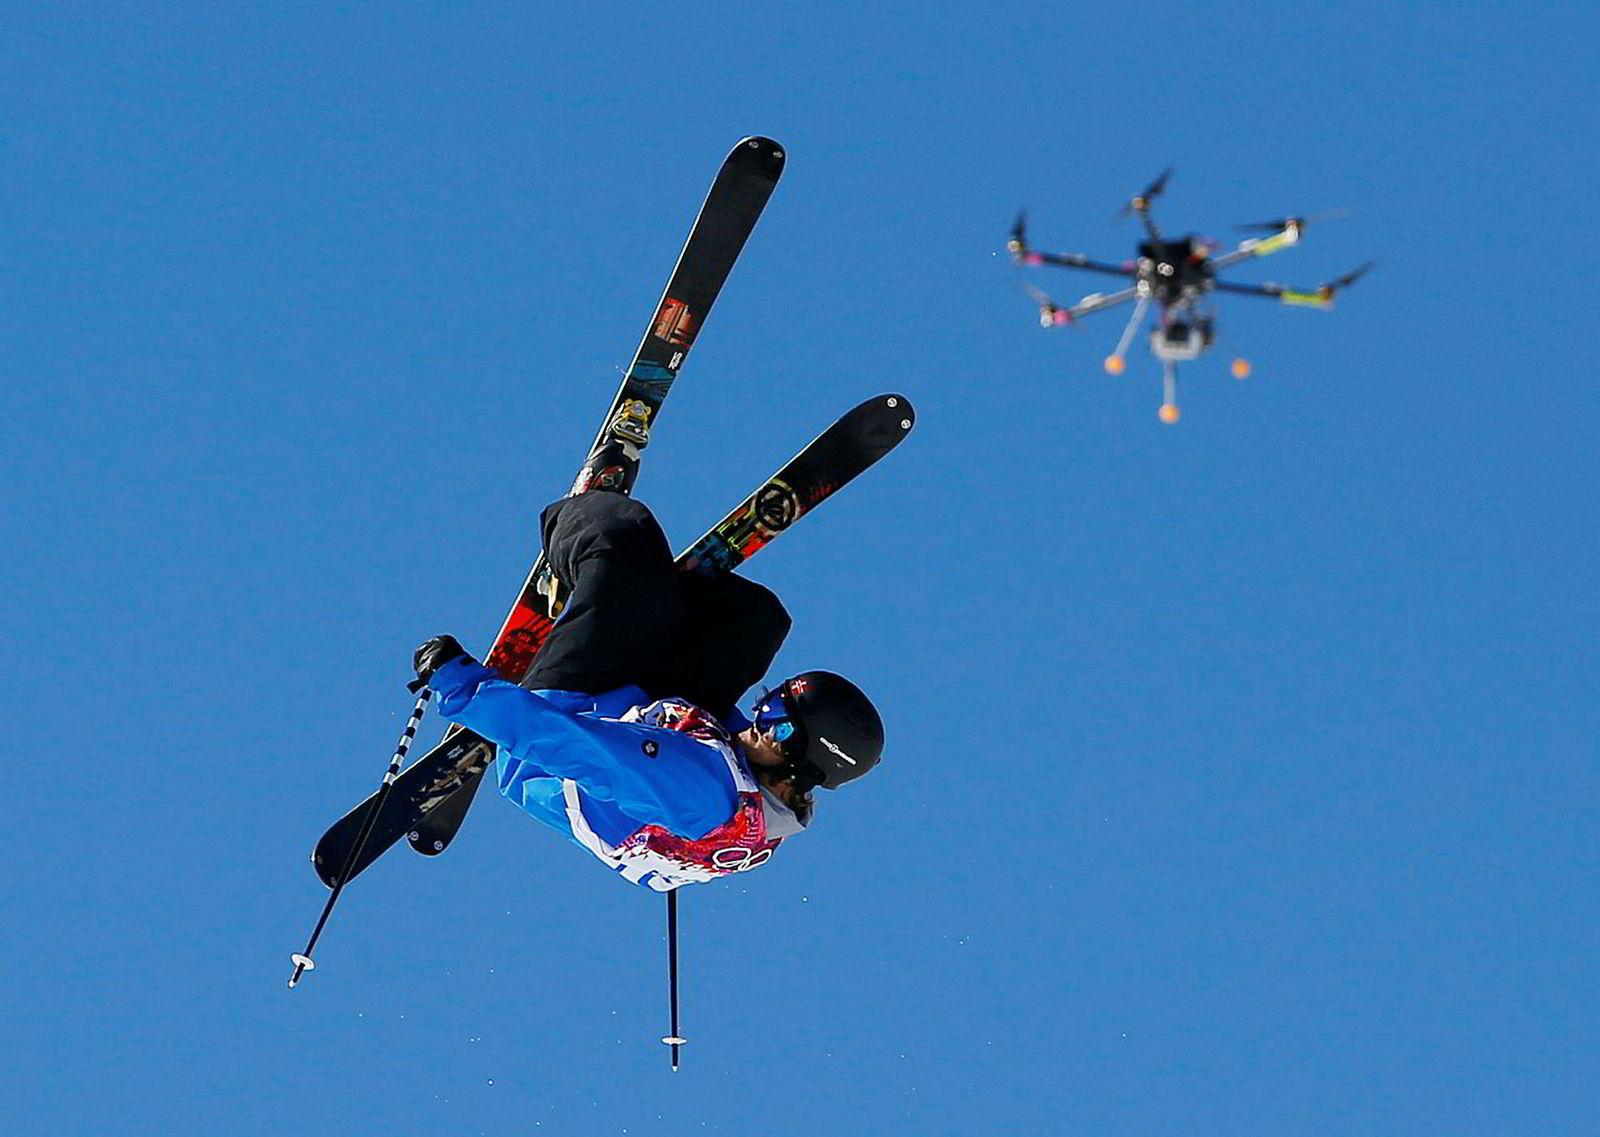 Vinter-OL i Russland i 2014 var første gangen en drone ble brukt til tv-dekningen av X Games. Her filmes norske Aleksander Aurdal. Foto: Sergej Grits/AP/NTB Scanpix